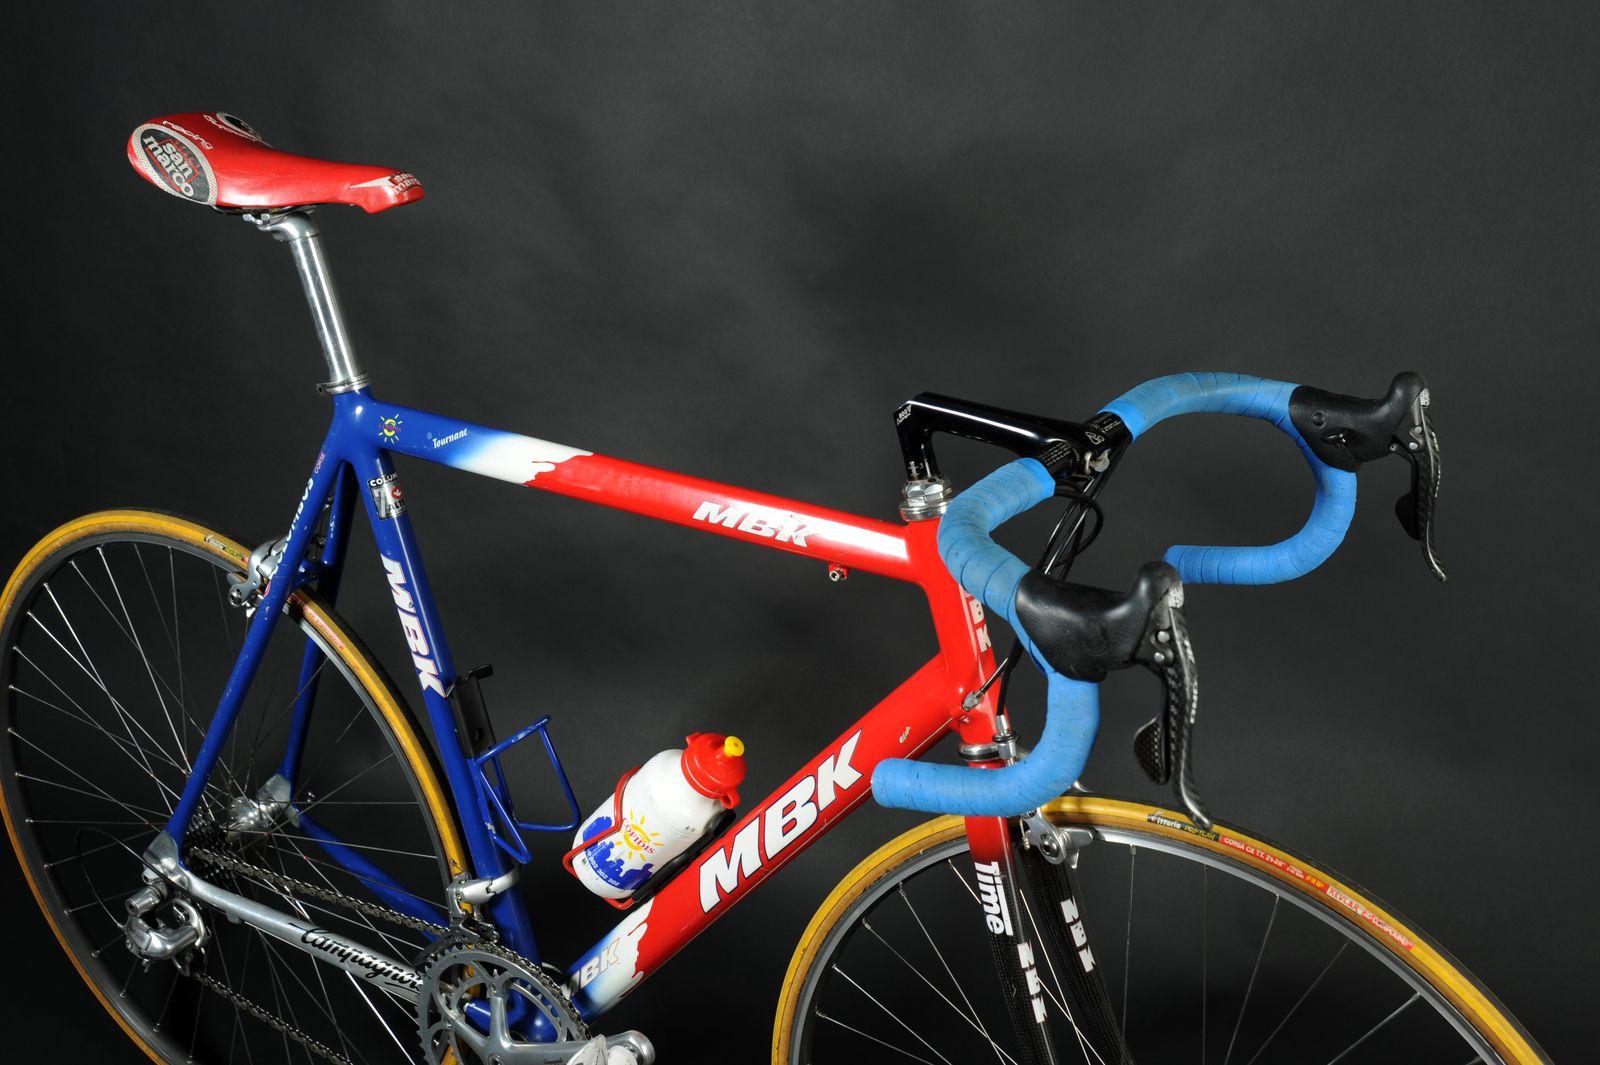 Vélo MBK Cofidis 1999.